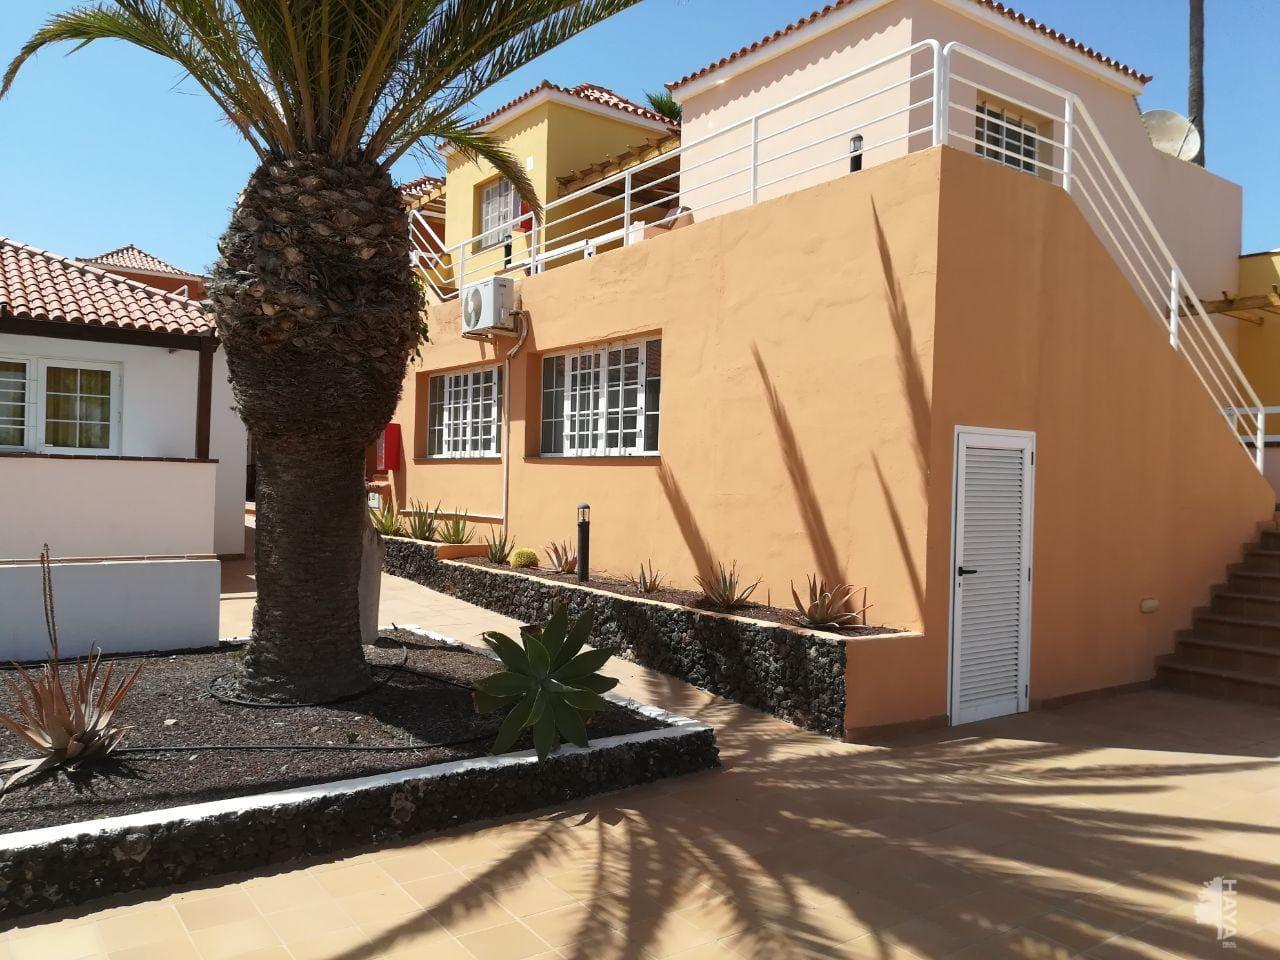 Casa en venta en La Oliva, Las Palmas, Calle Aguamarina, 137.808 €, 2 habitaciones, 1 baño, 67 m2